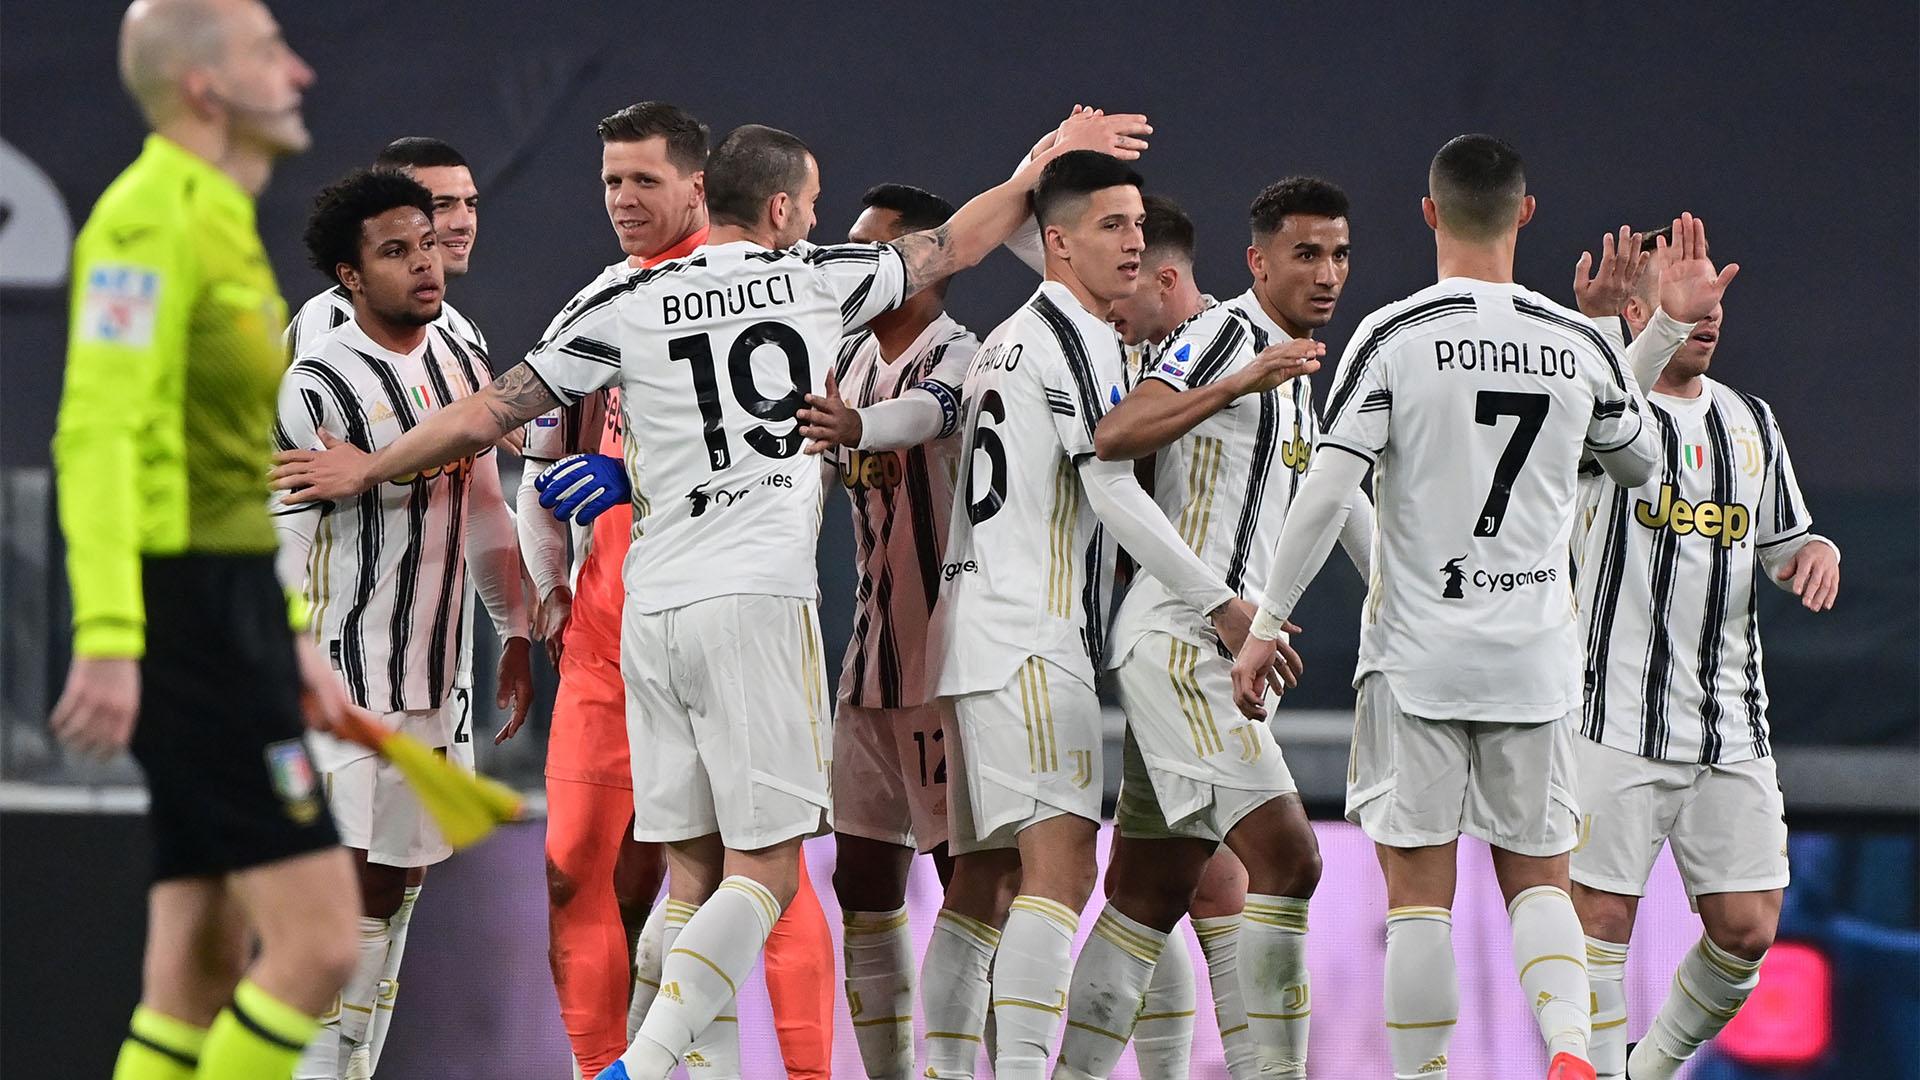 Serie A, Juventus-Lazio 3-1: le foto - Serie A, Juventus-Lazio 3-1: le foto  | Virgilio Sport